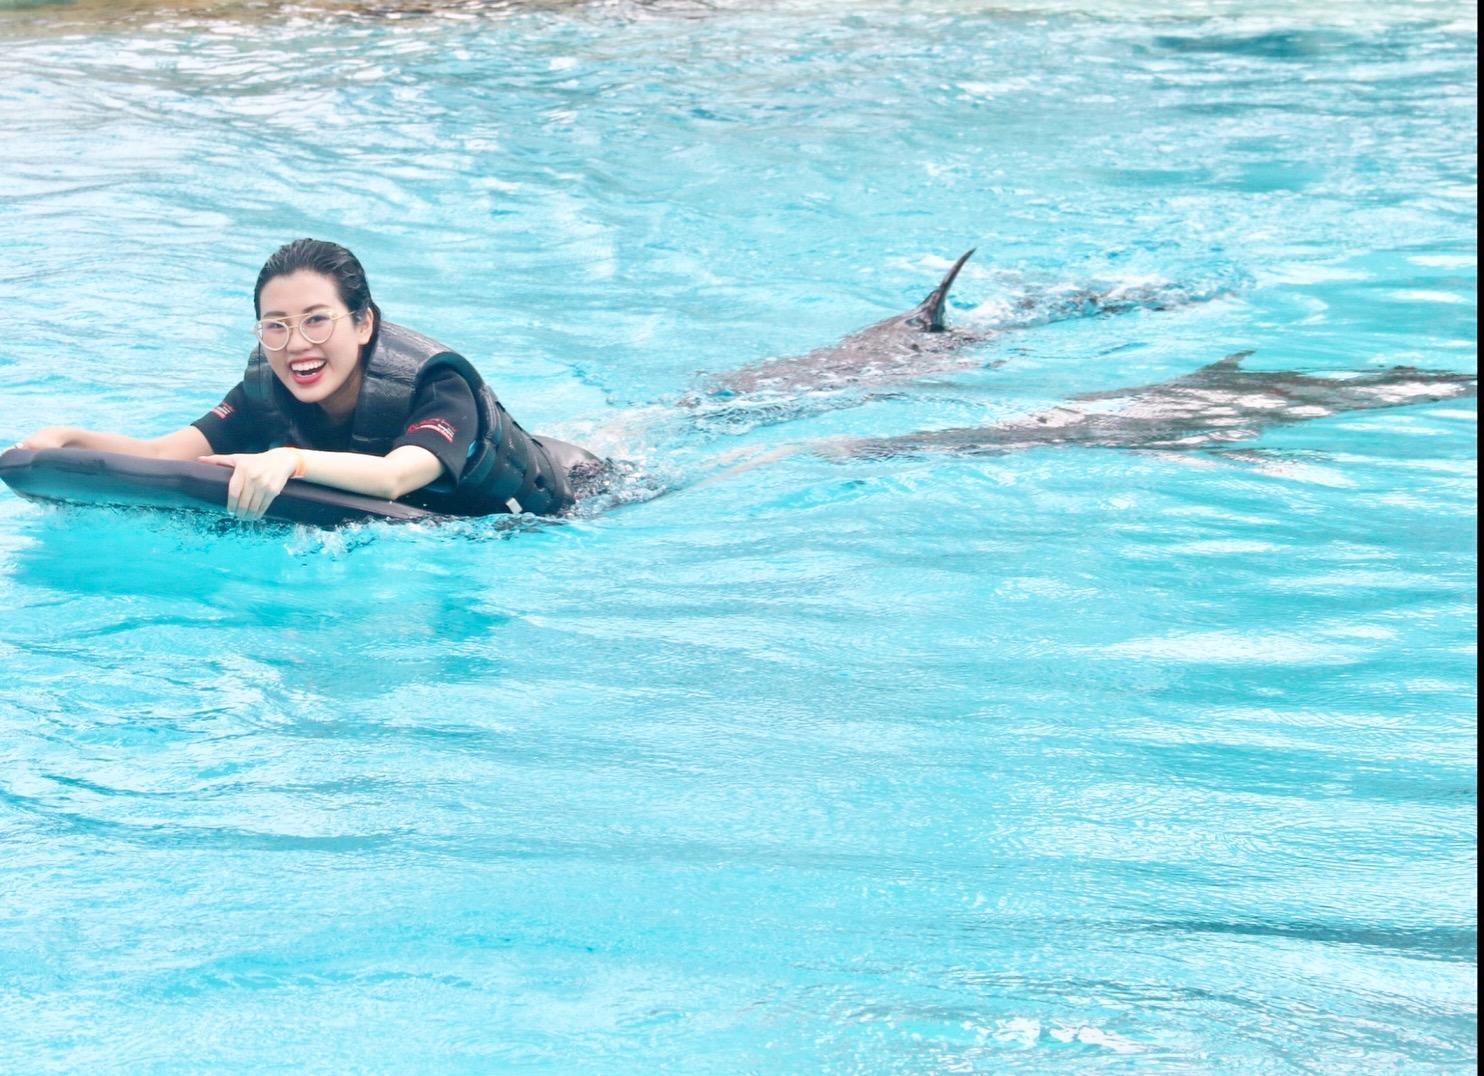 Hoa hậu Du lịch Emily Hồng Nhung đón sinh nhật đặc biệt cùng những chú cá heo tại Singapore - Ảnh 4.